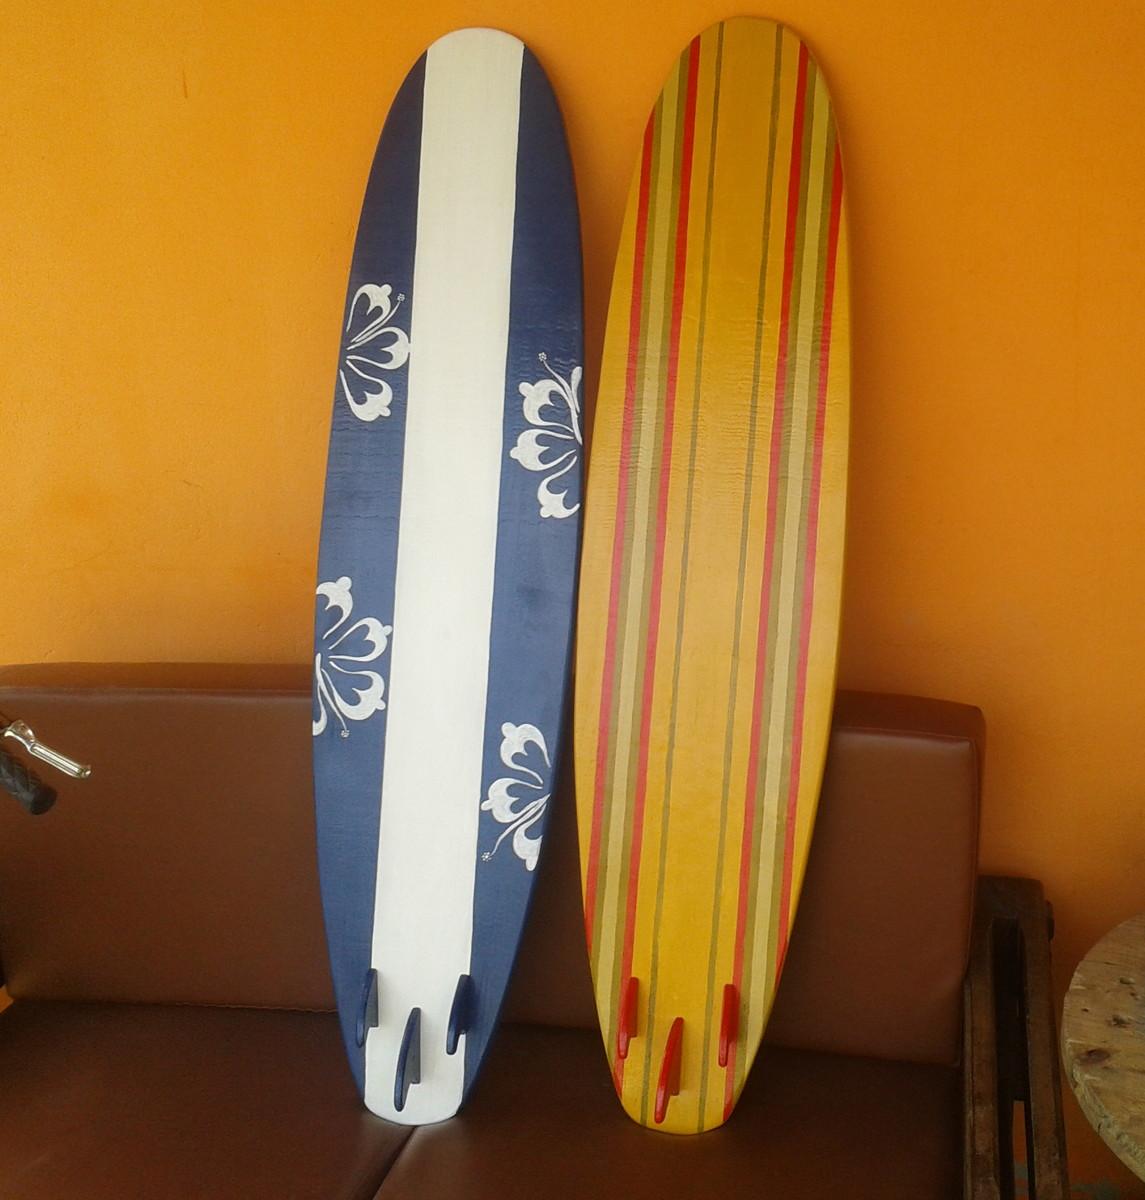 prancha surf decorativa 120 cm no elo7 efeito wood 789620